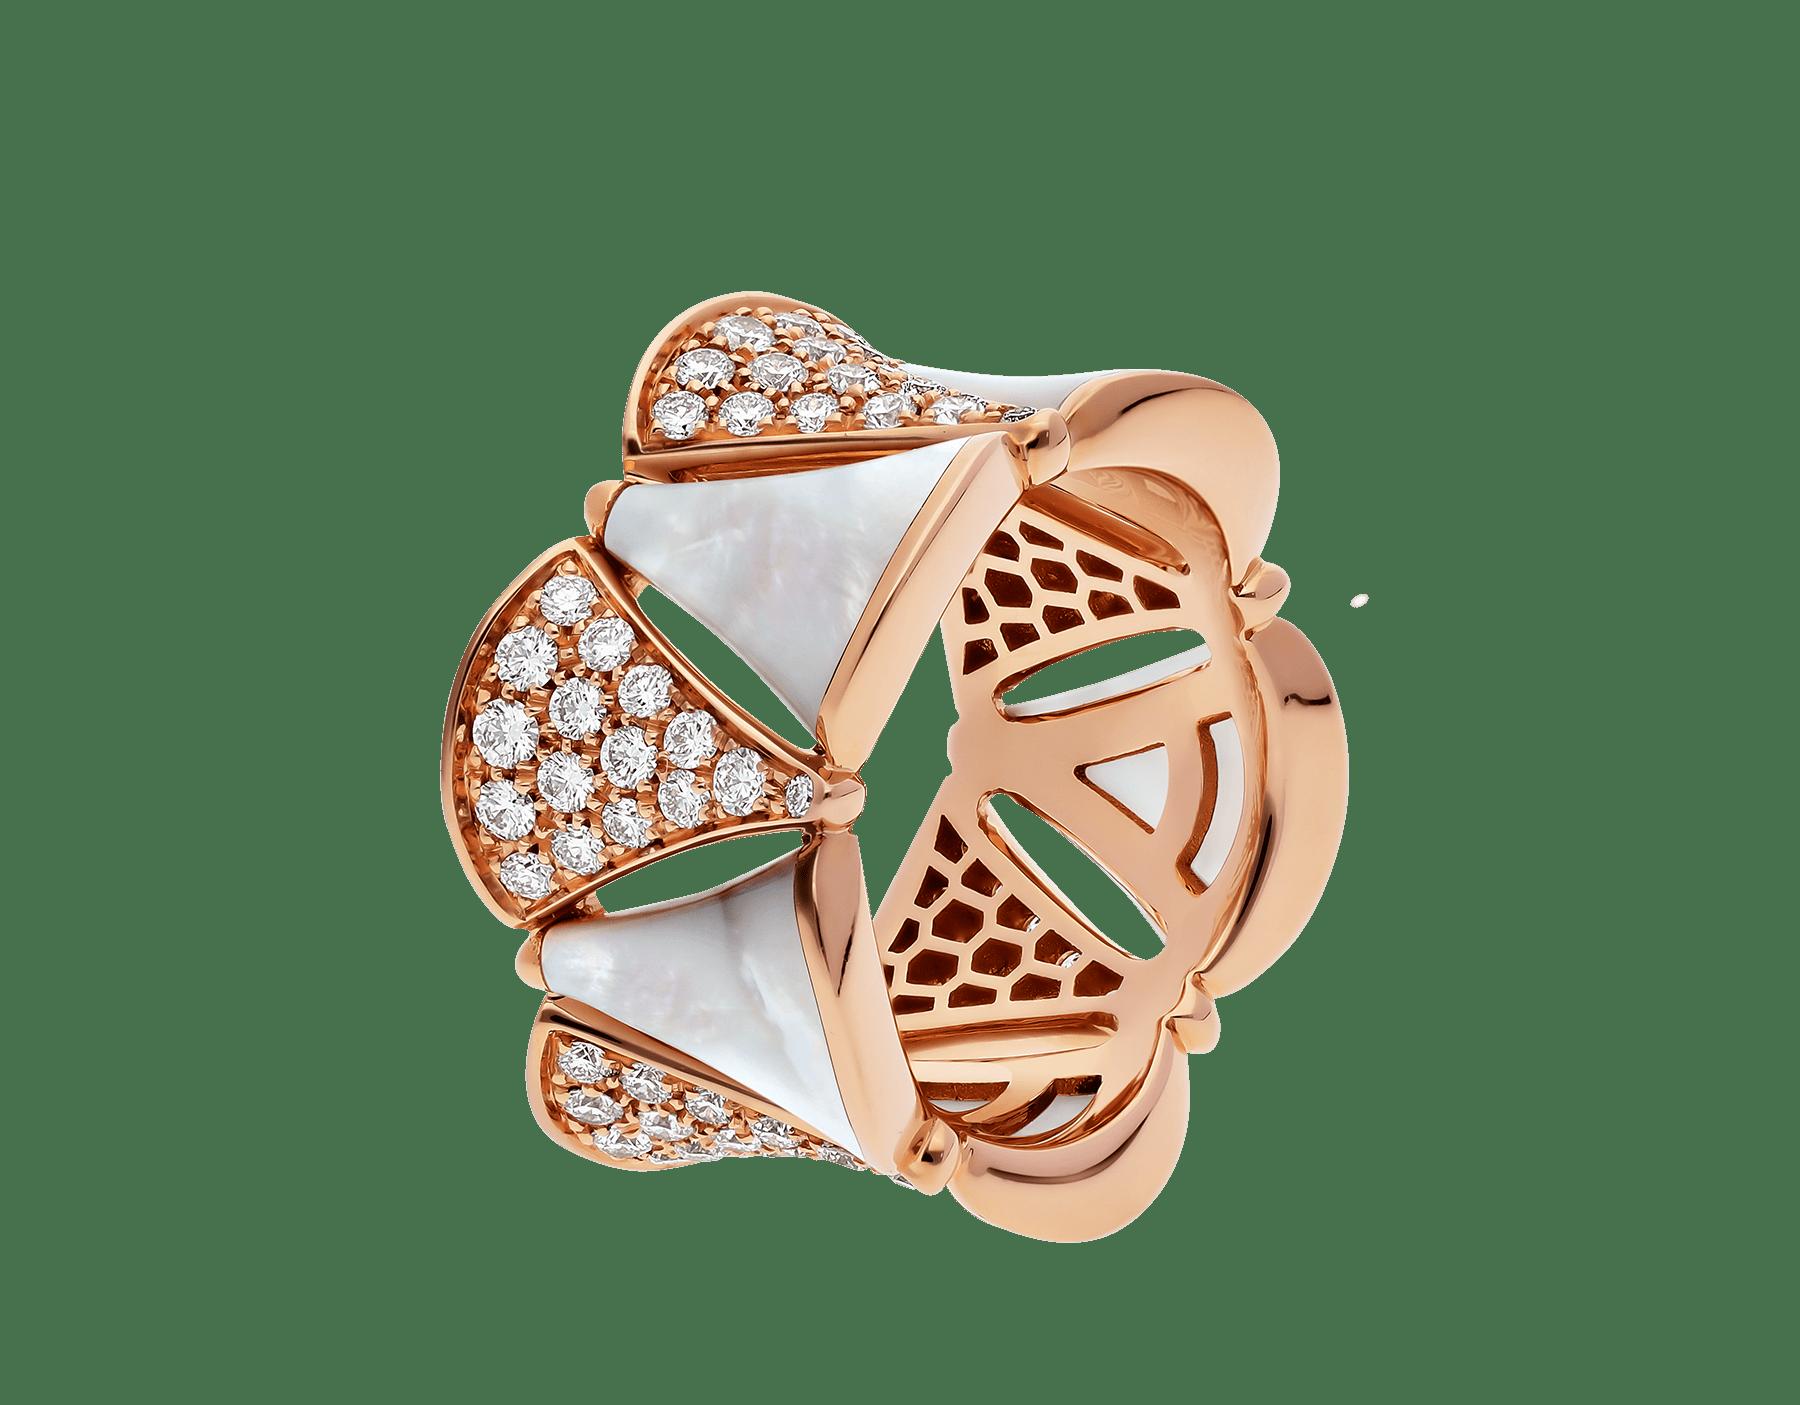 Produzido com o brilho de diamantes e a elegância etérea da madrepérola, o anel DIVAS' DREAM envolve o dedo com a pureza da beleza feminina. AN856775 image 1